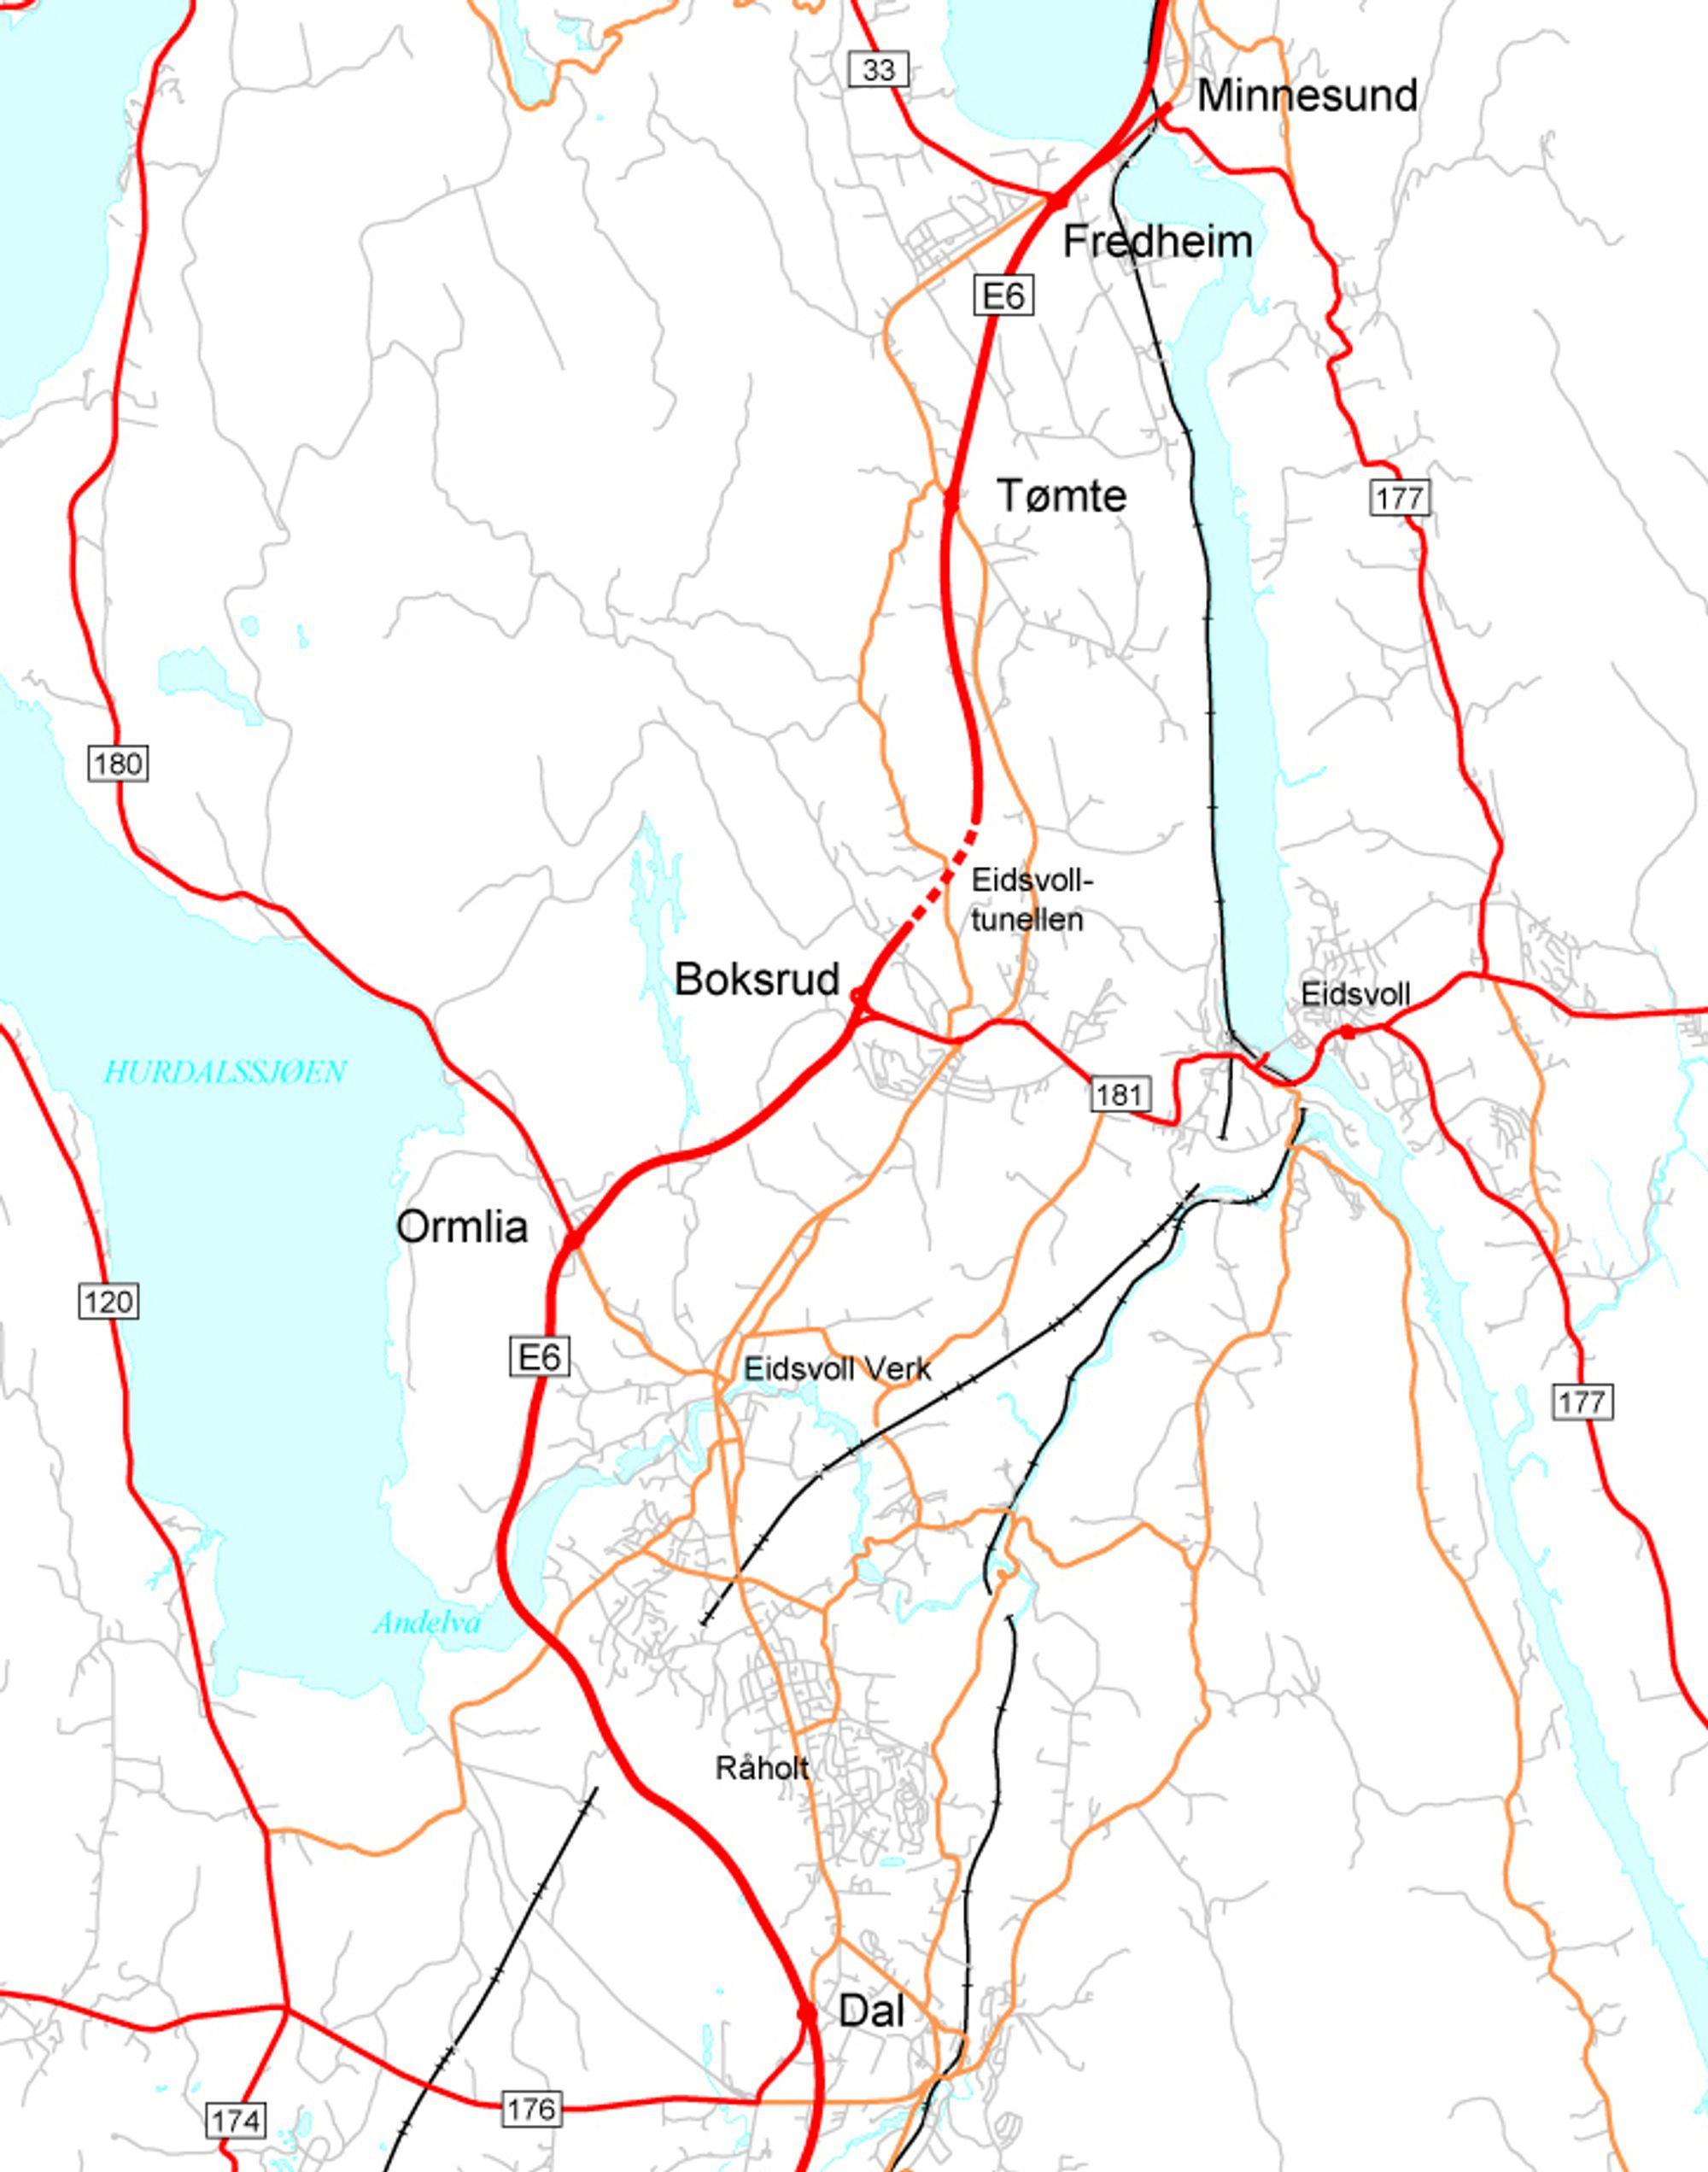 De totale omkostningene for utvidelse av strekningen Dal-Minnesund til fire felt er beregnet til 2 170 millioner 2009-kroner. Høsten 2011 skal det meste være gjort.